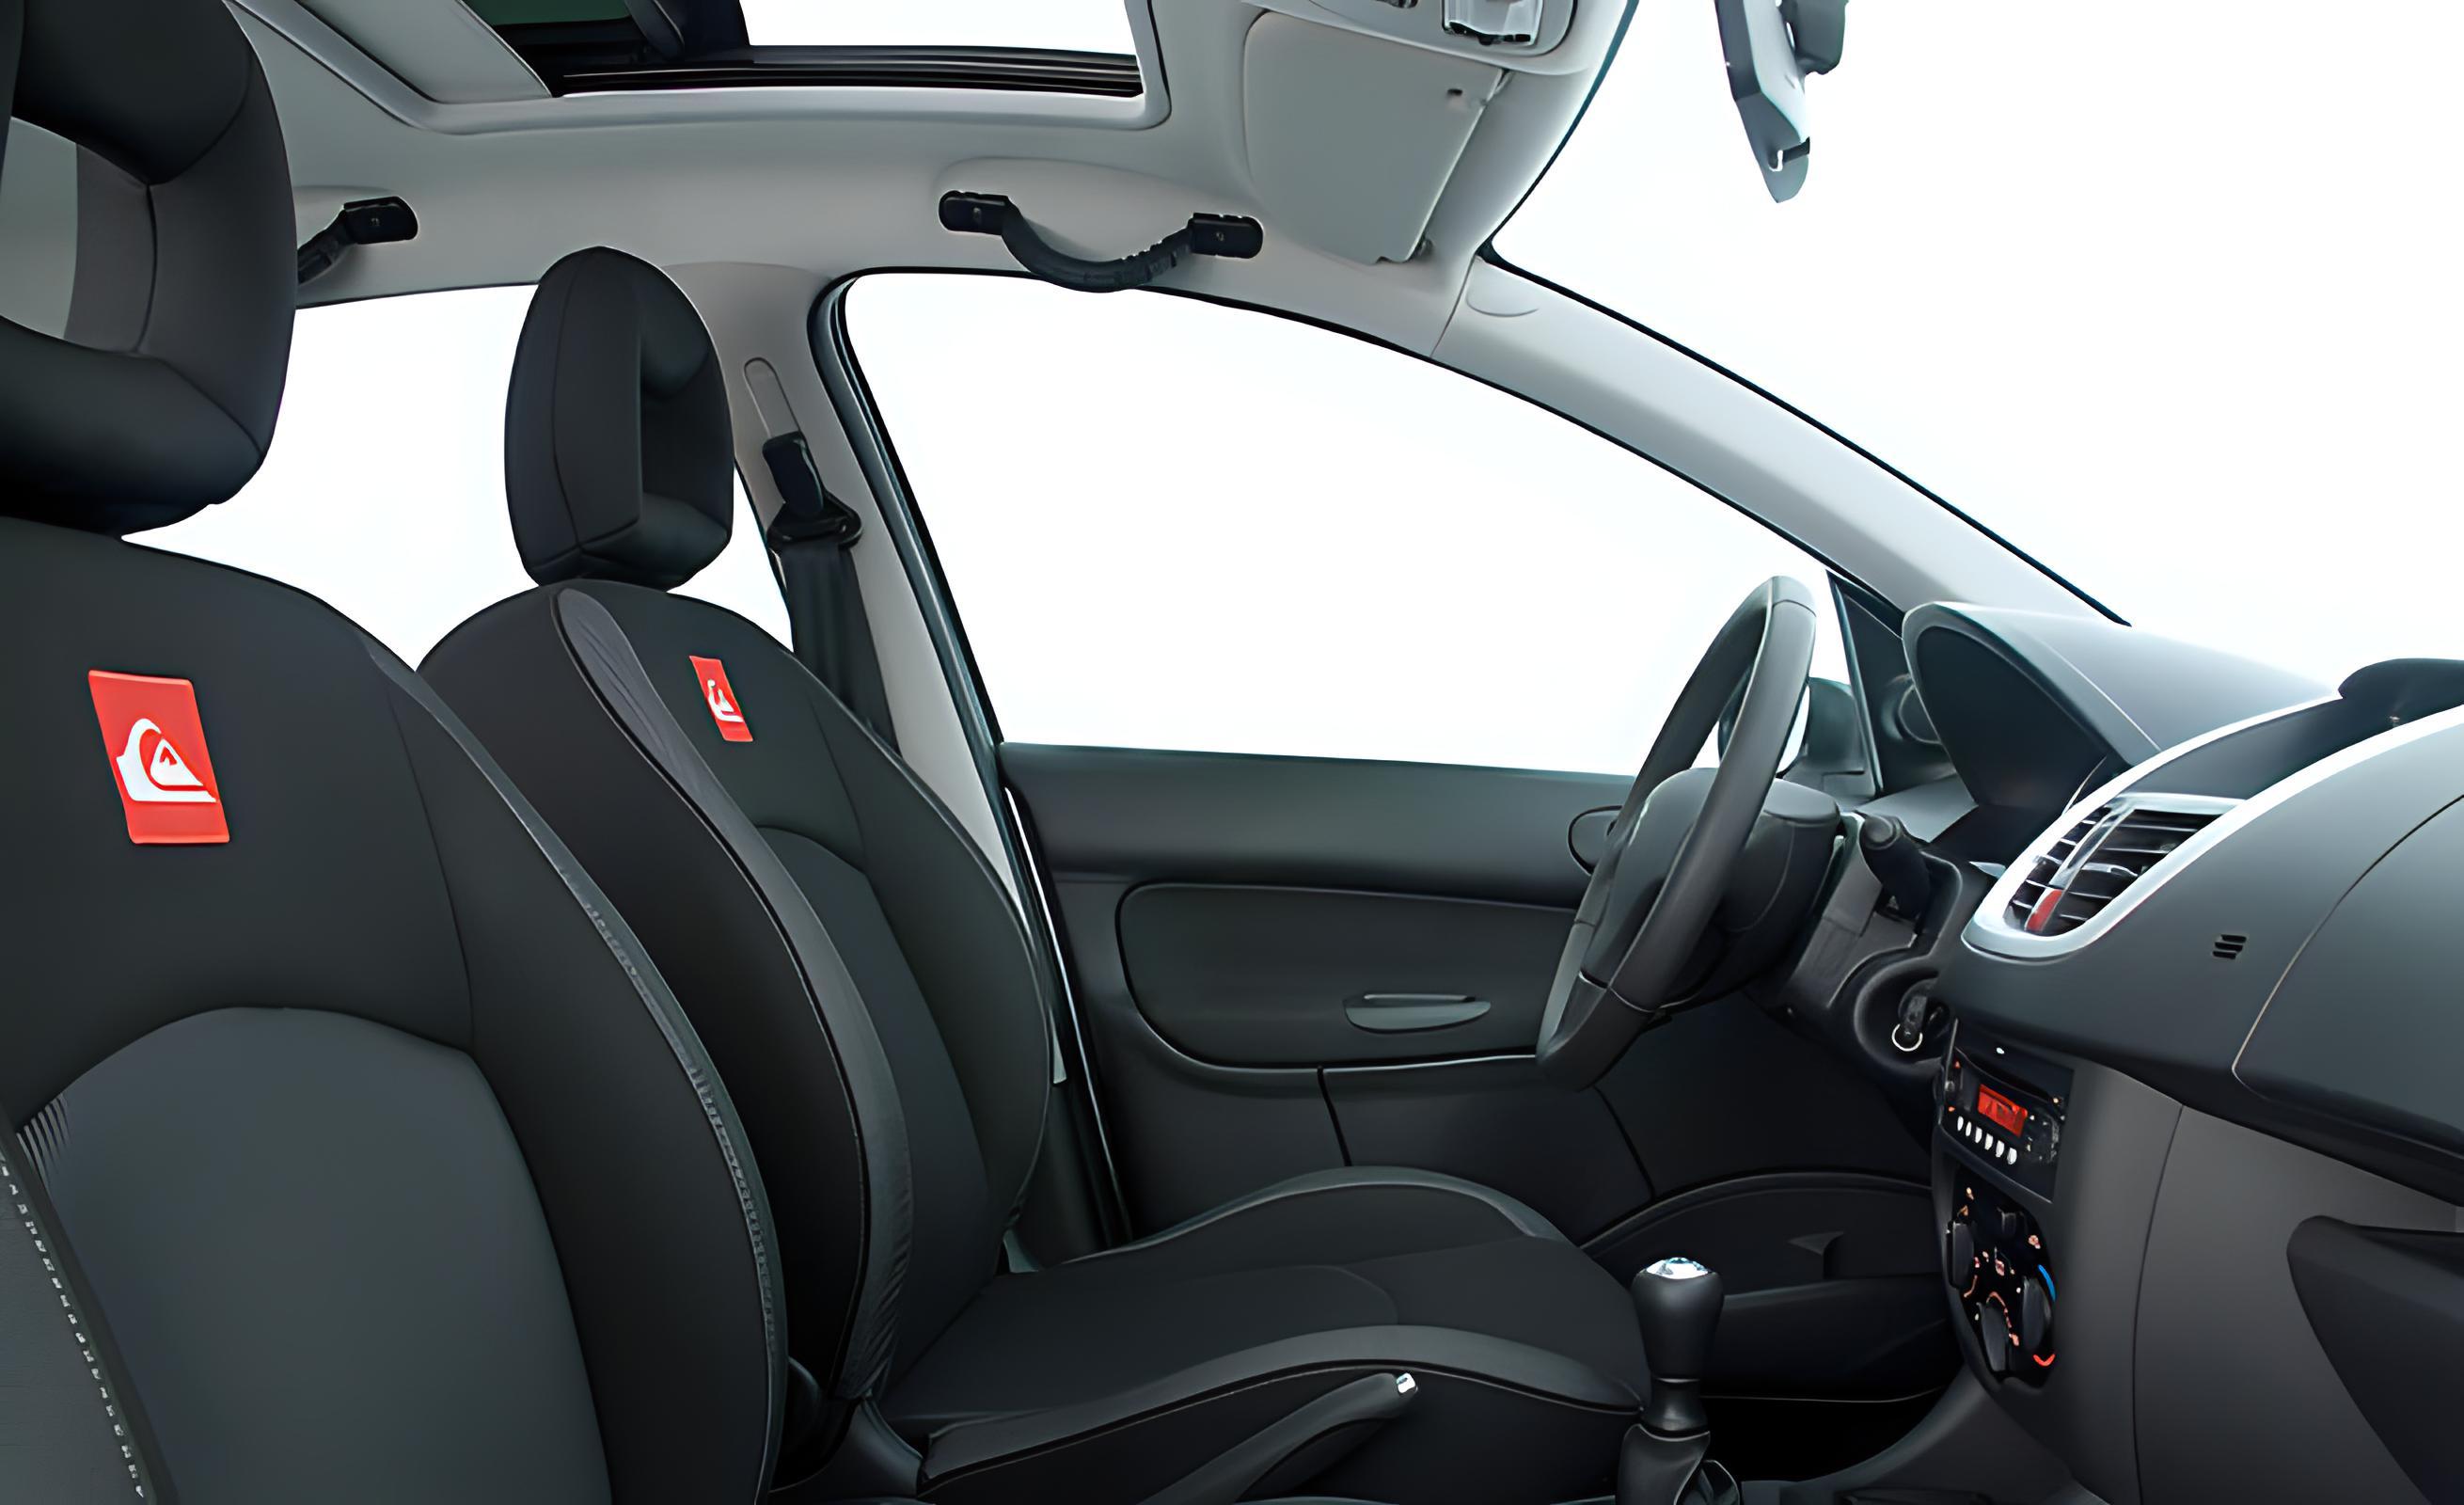 Peugeot 307 Quicksilver Technical Details History Photos